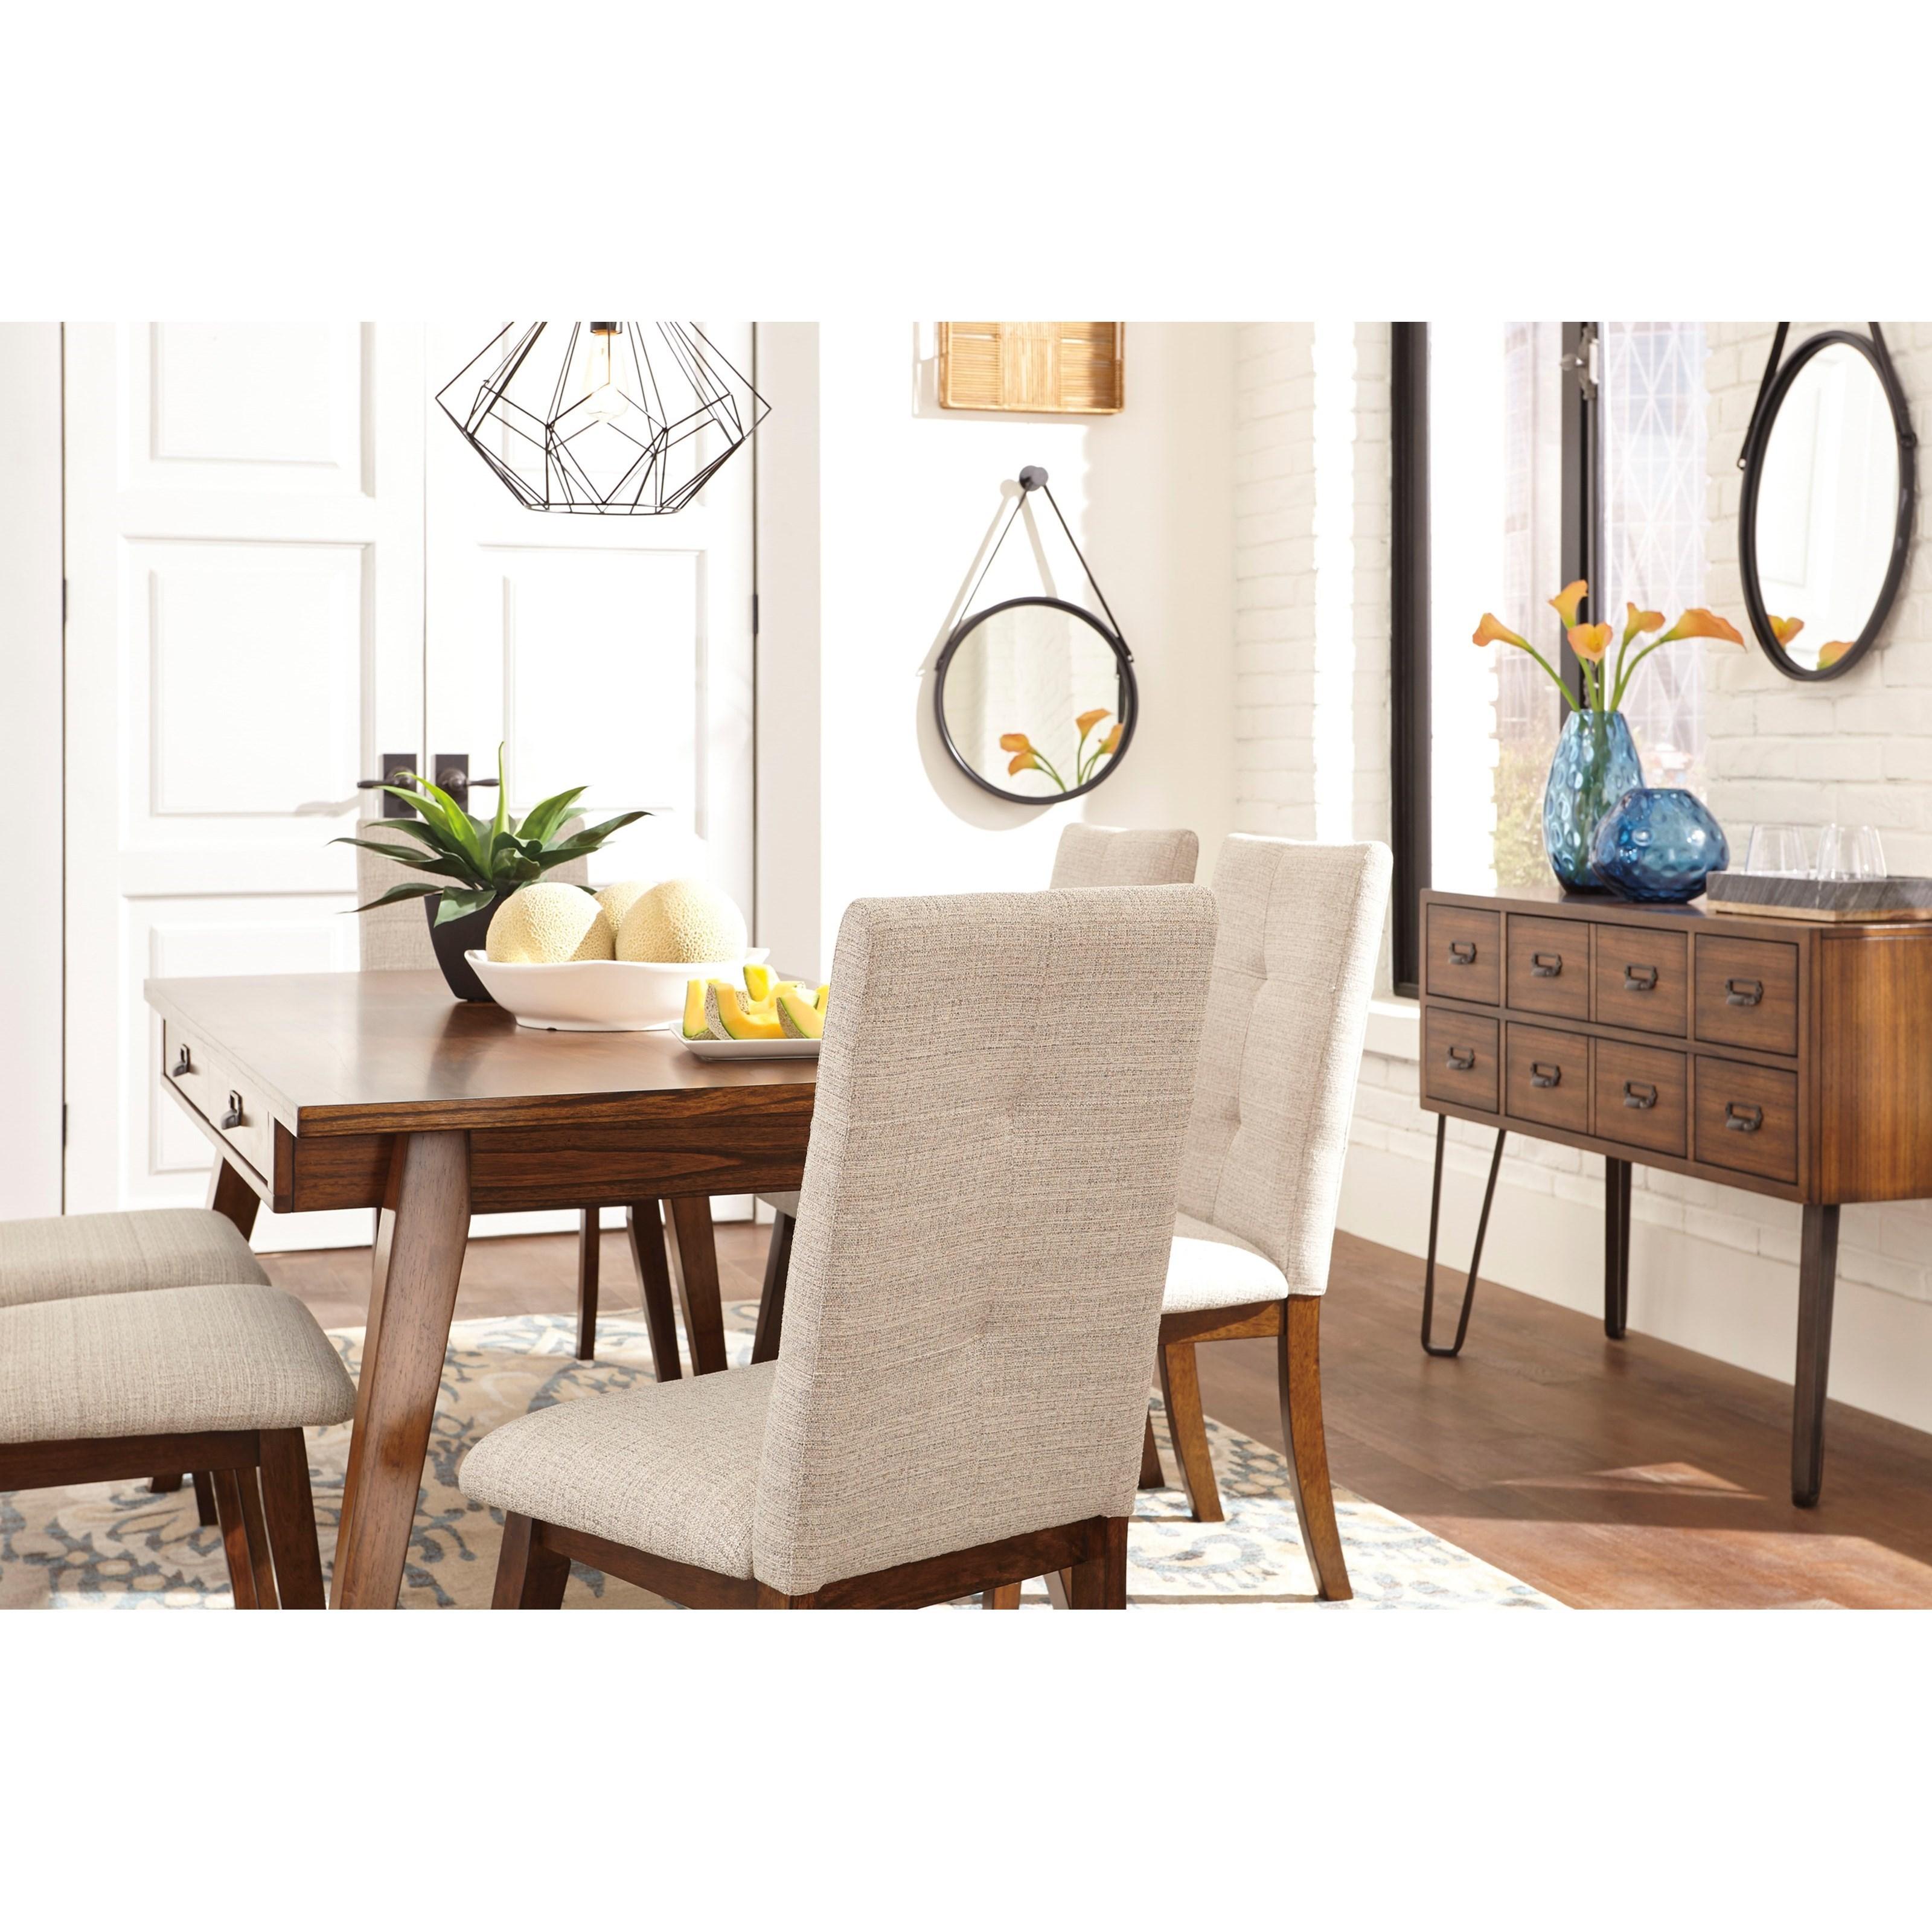 delivery estimates northeast factory direct cleveland. Black Bedroom Furniture Sets. Home Design Ideas